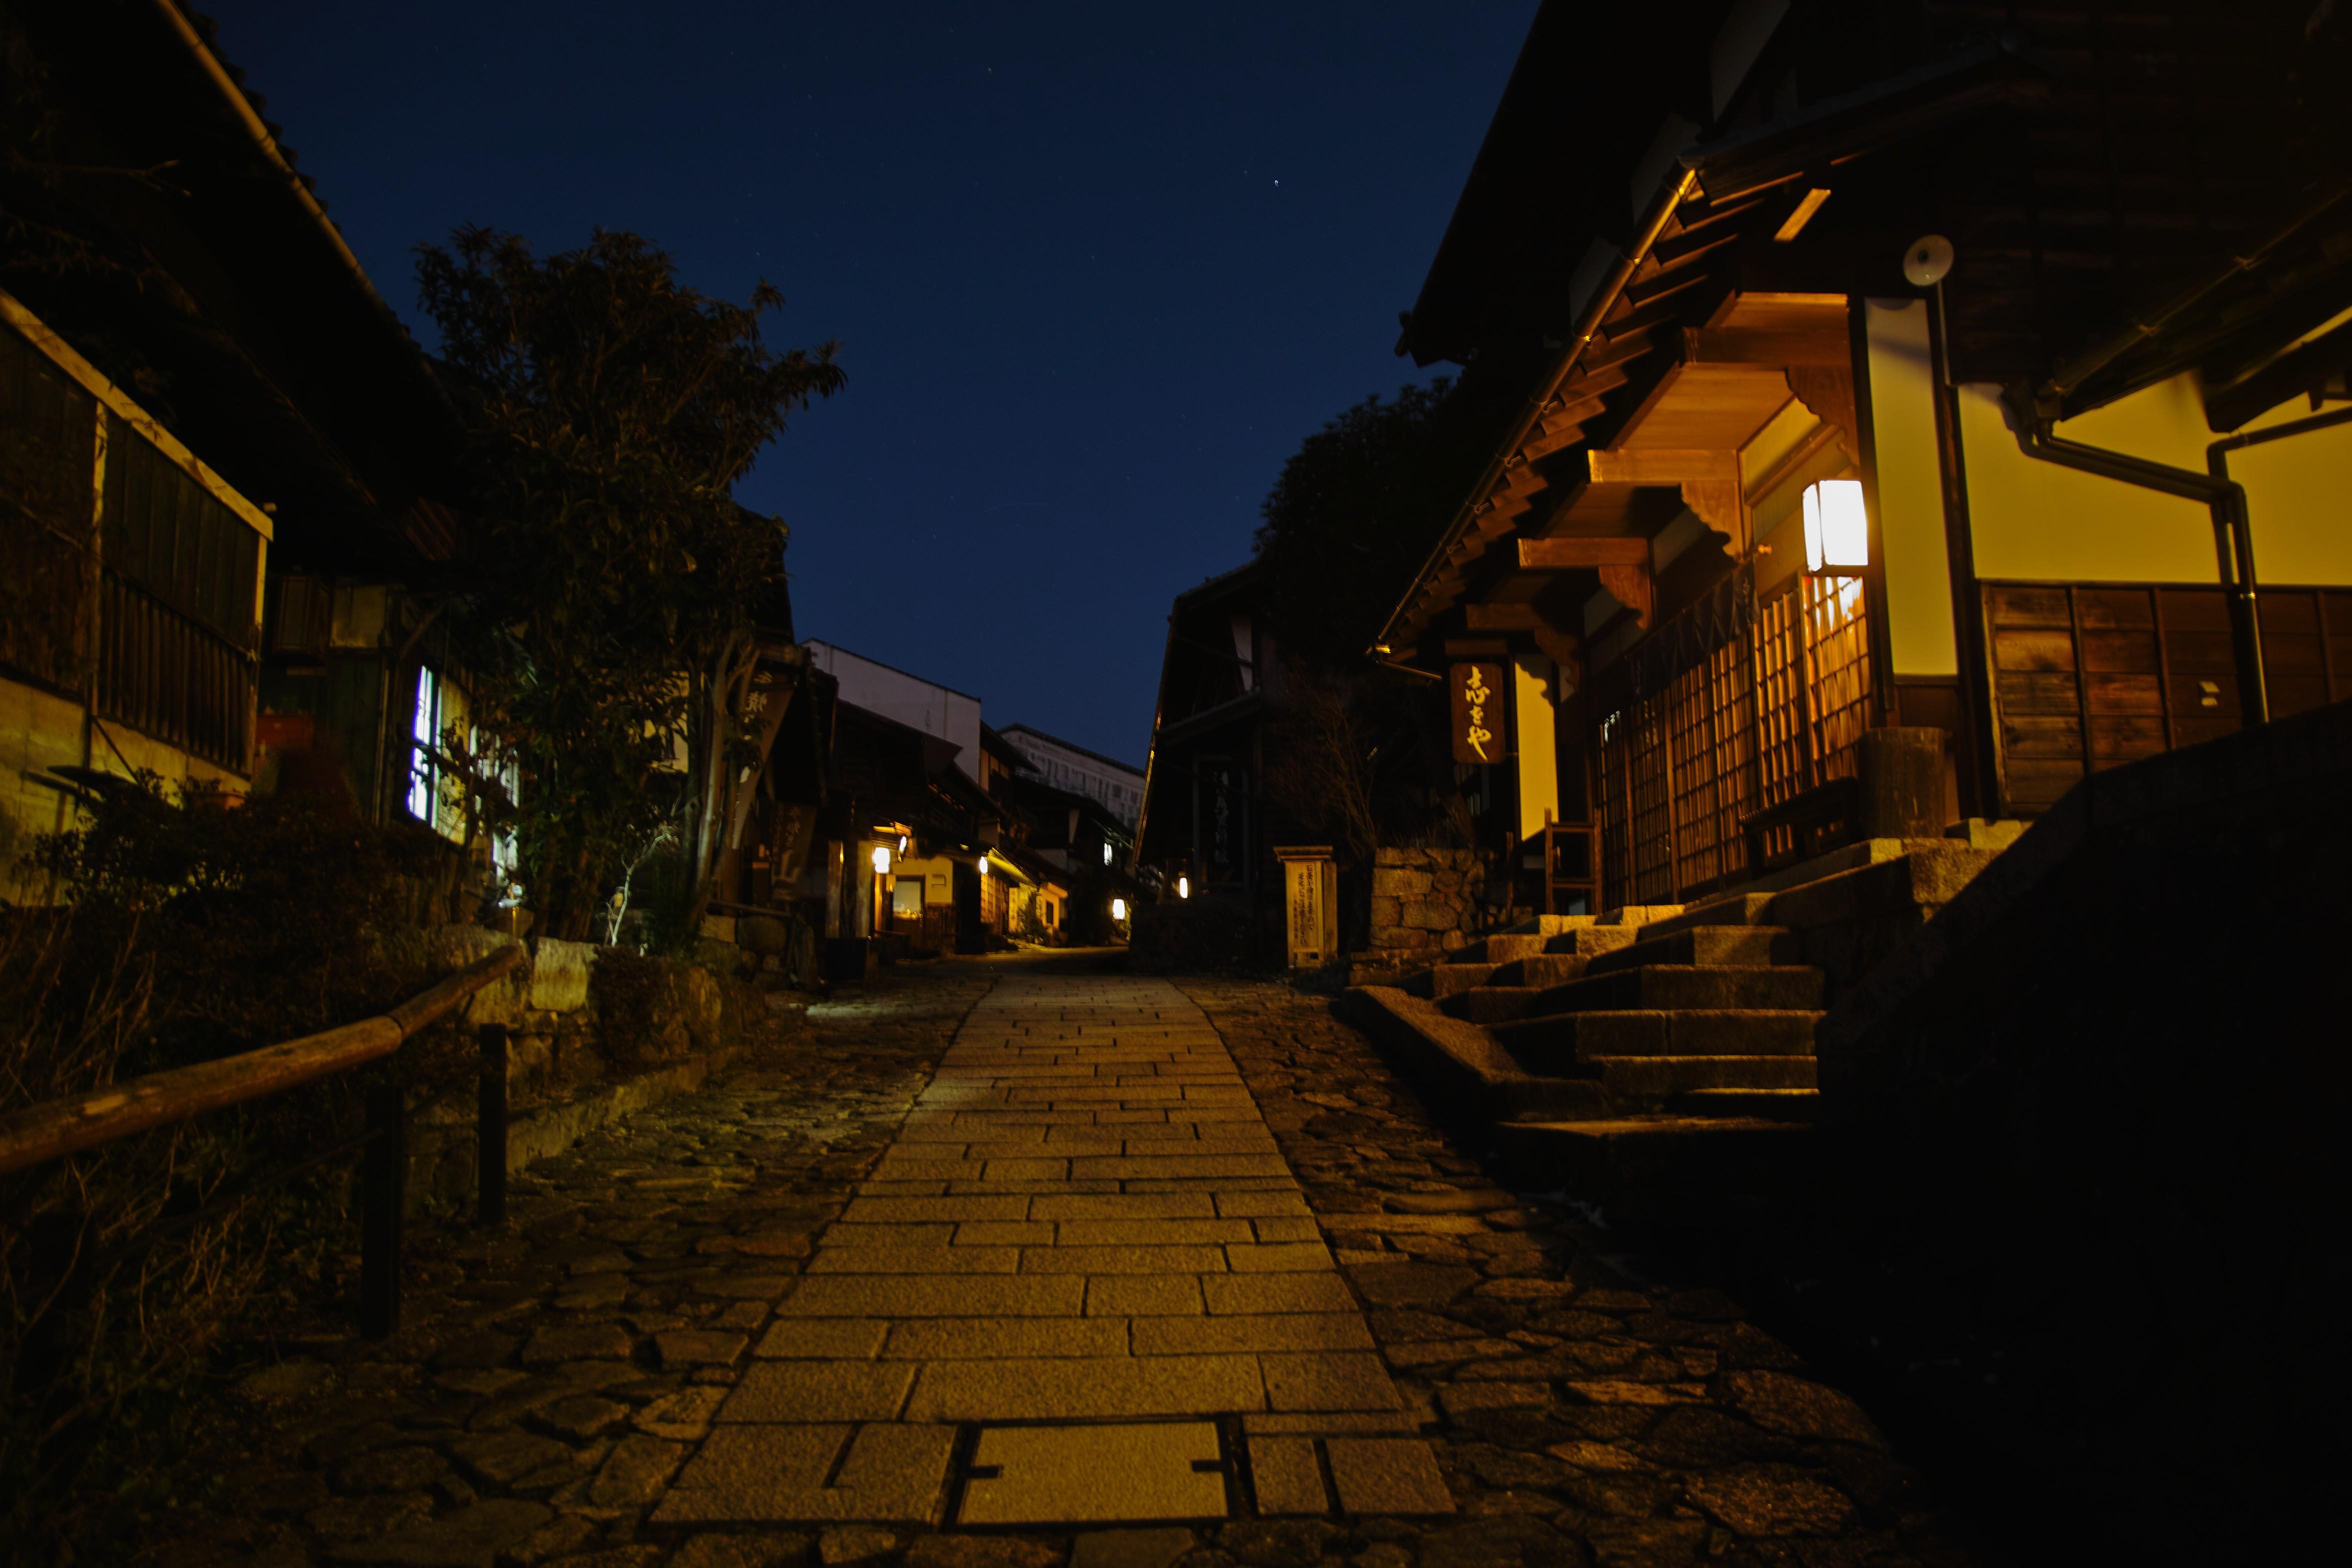 夜の宿場shutter優先_compressed